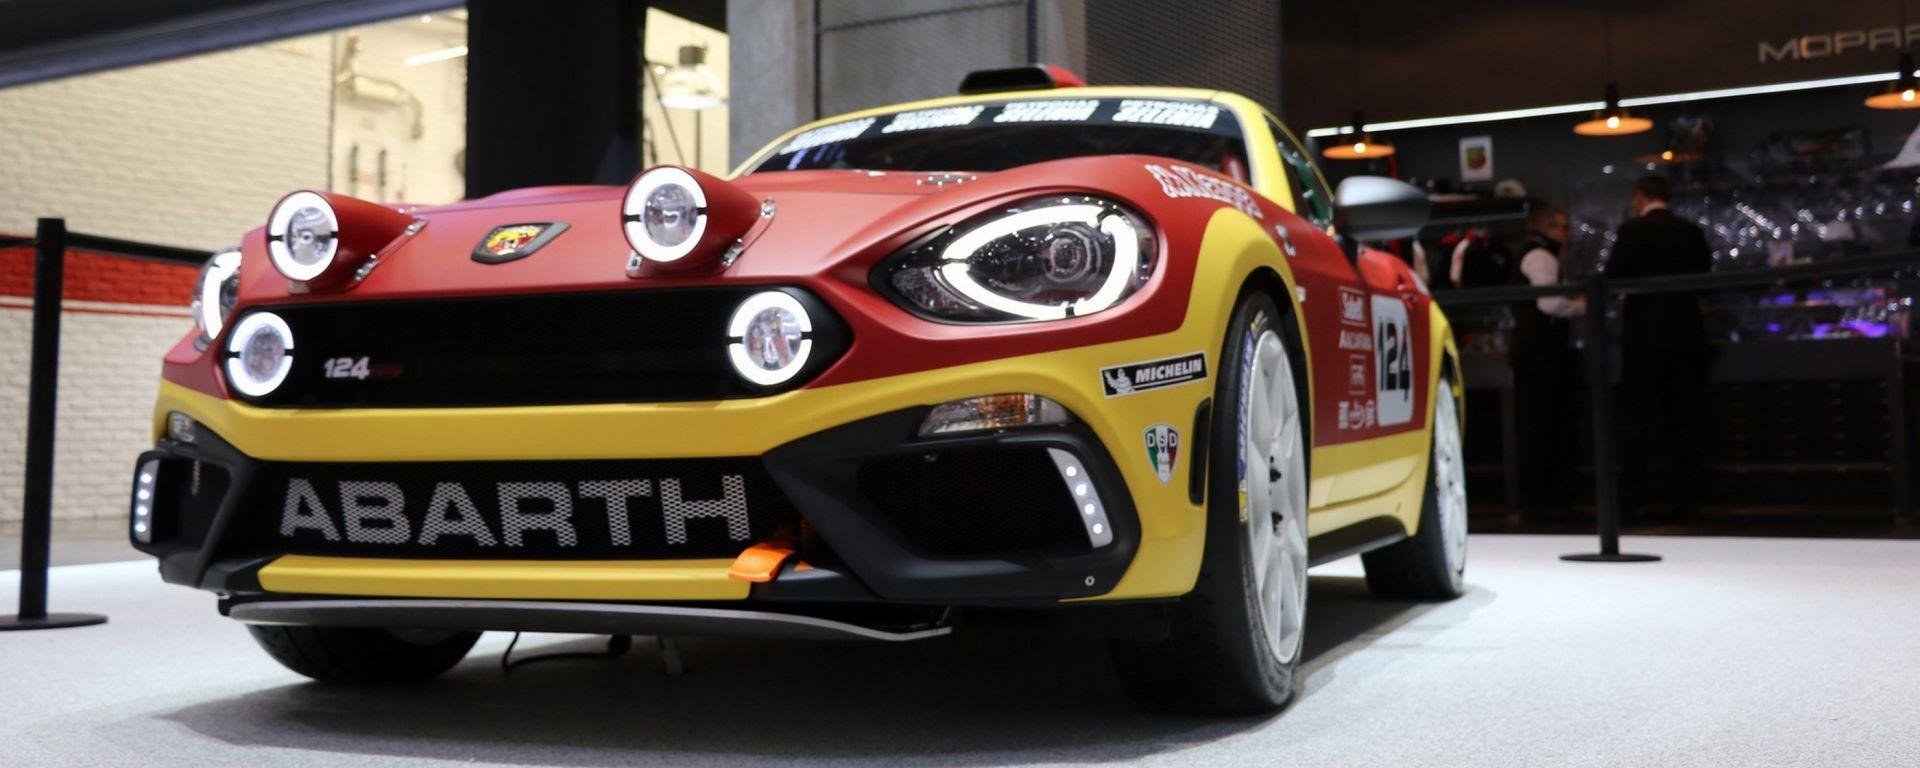 Abarth 124 Rally: lo Scorpione con 300 cv